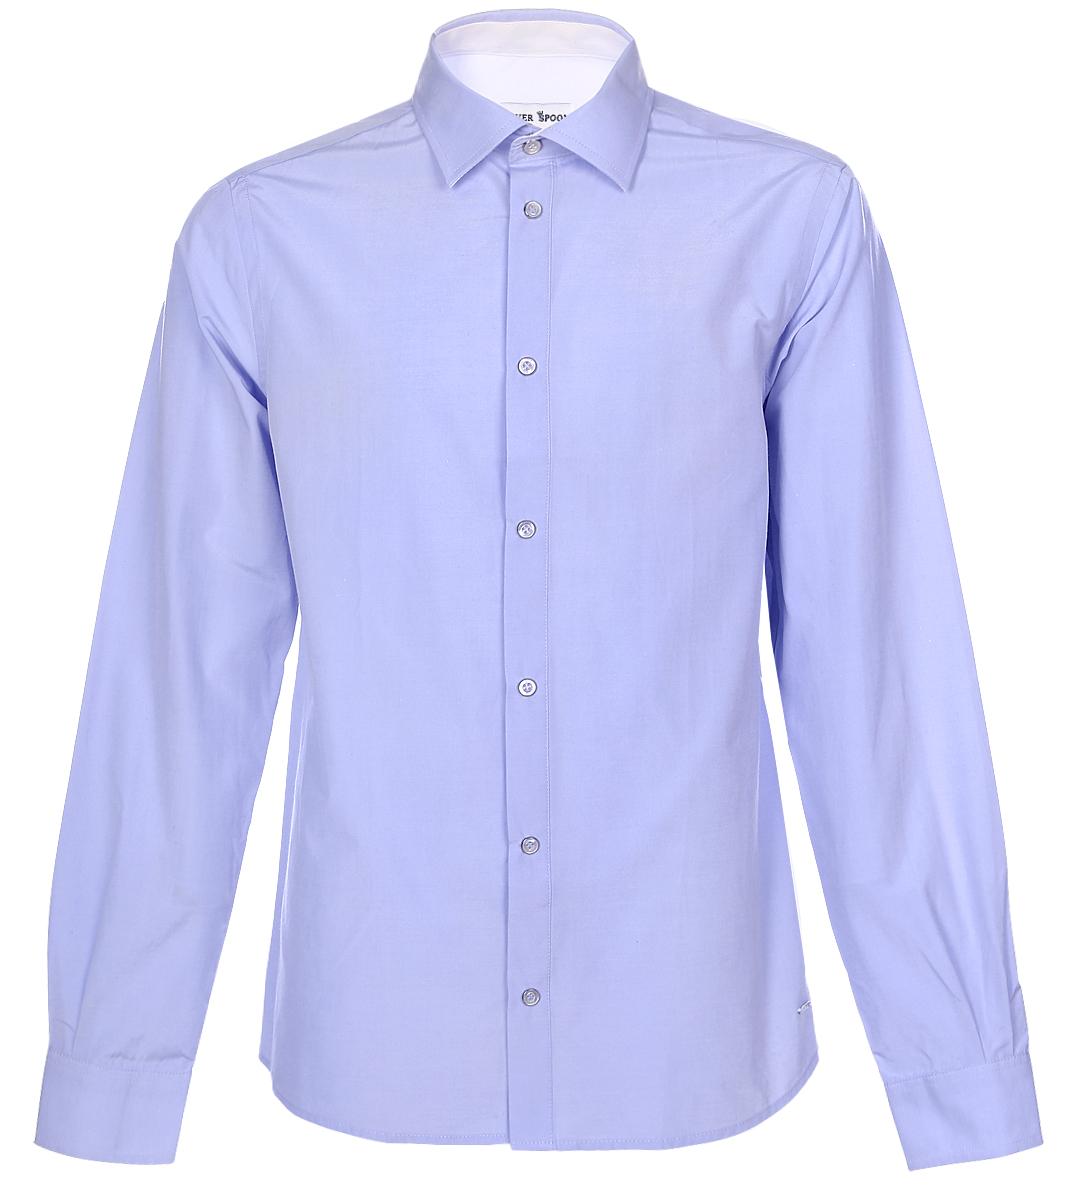 Рубашка для мальчика Silver Spoon, цвет: сиренево-синий. SSFSB-629-13831-338. Размер 158